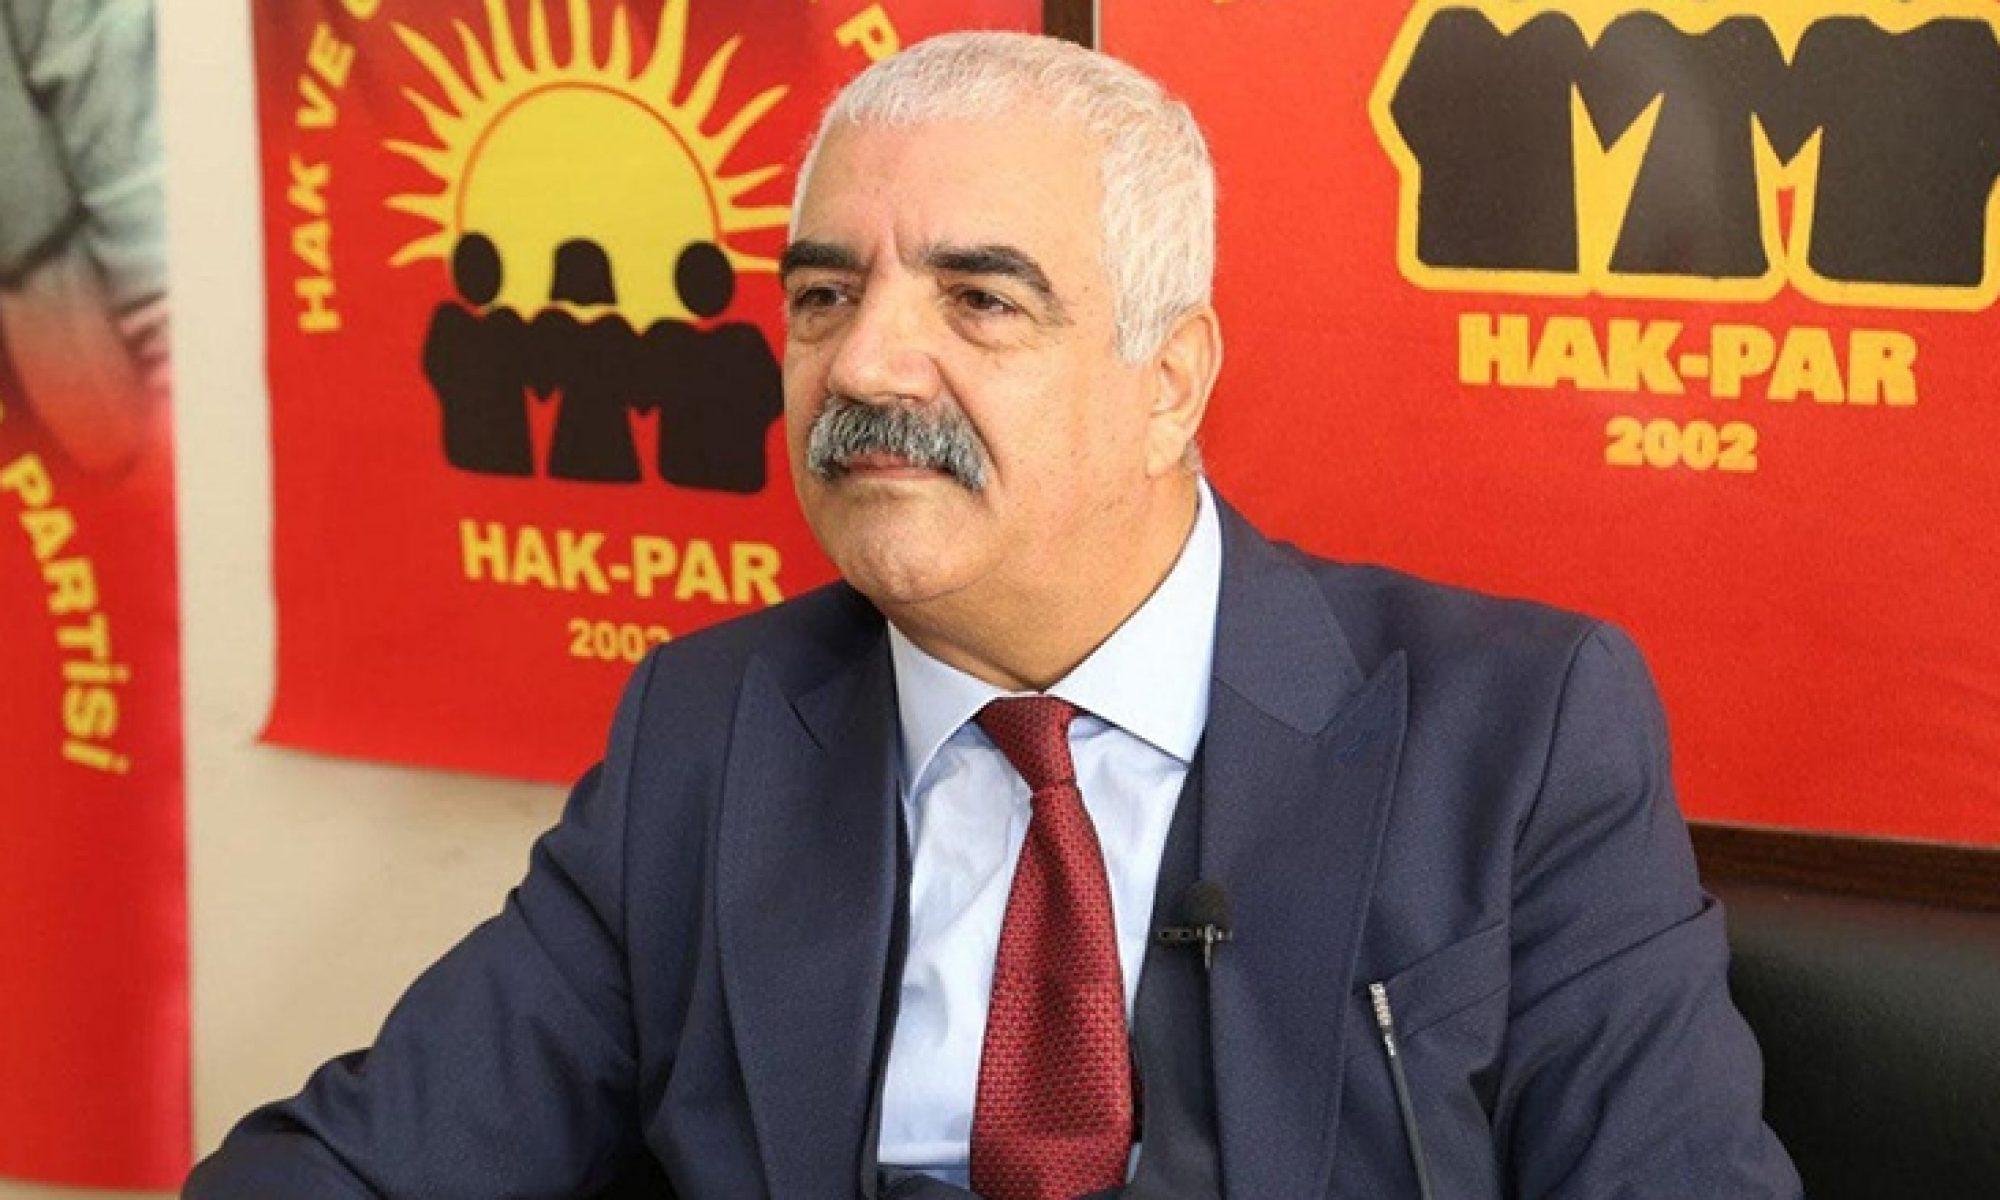 HAK-PAR Genel Başkanı Epözdemir: AKP veHDP'yi Kürtlerin temsilcisi olarak görmüyorum